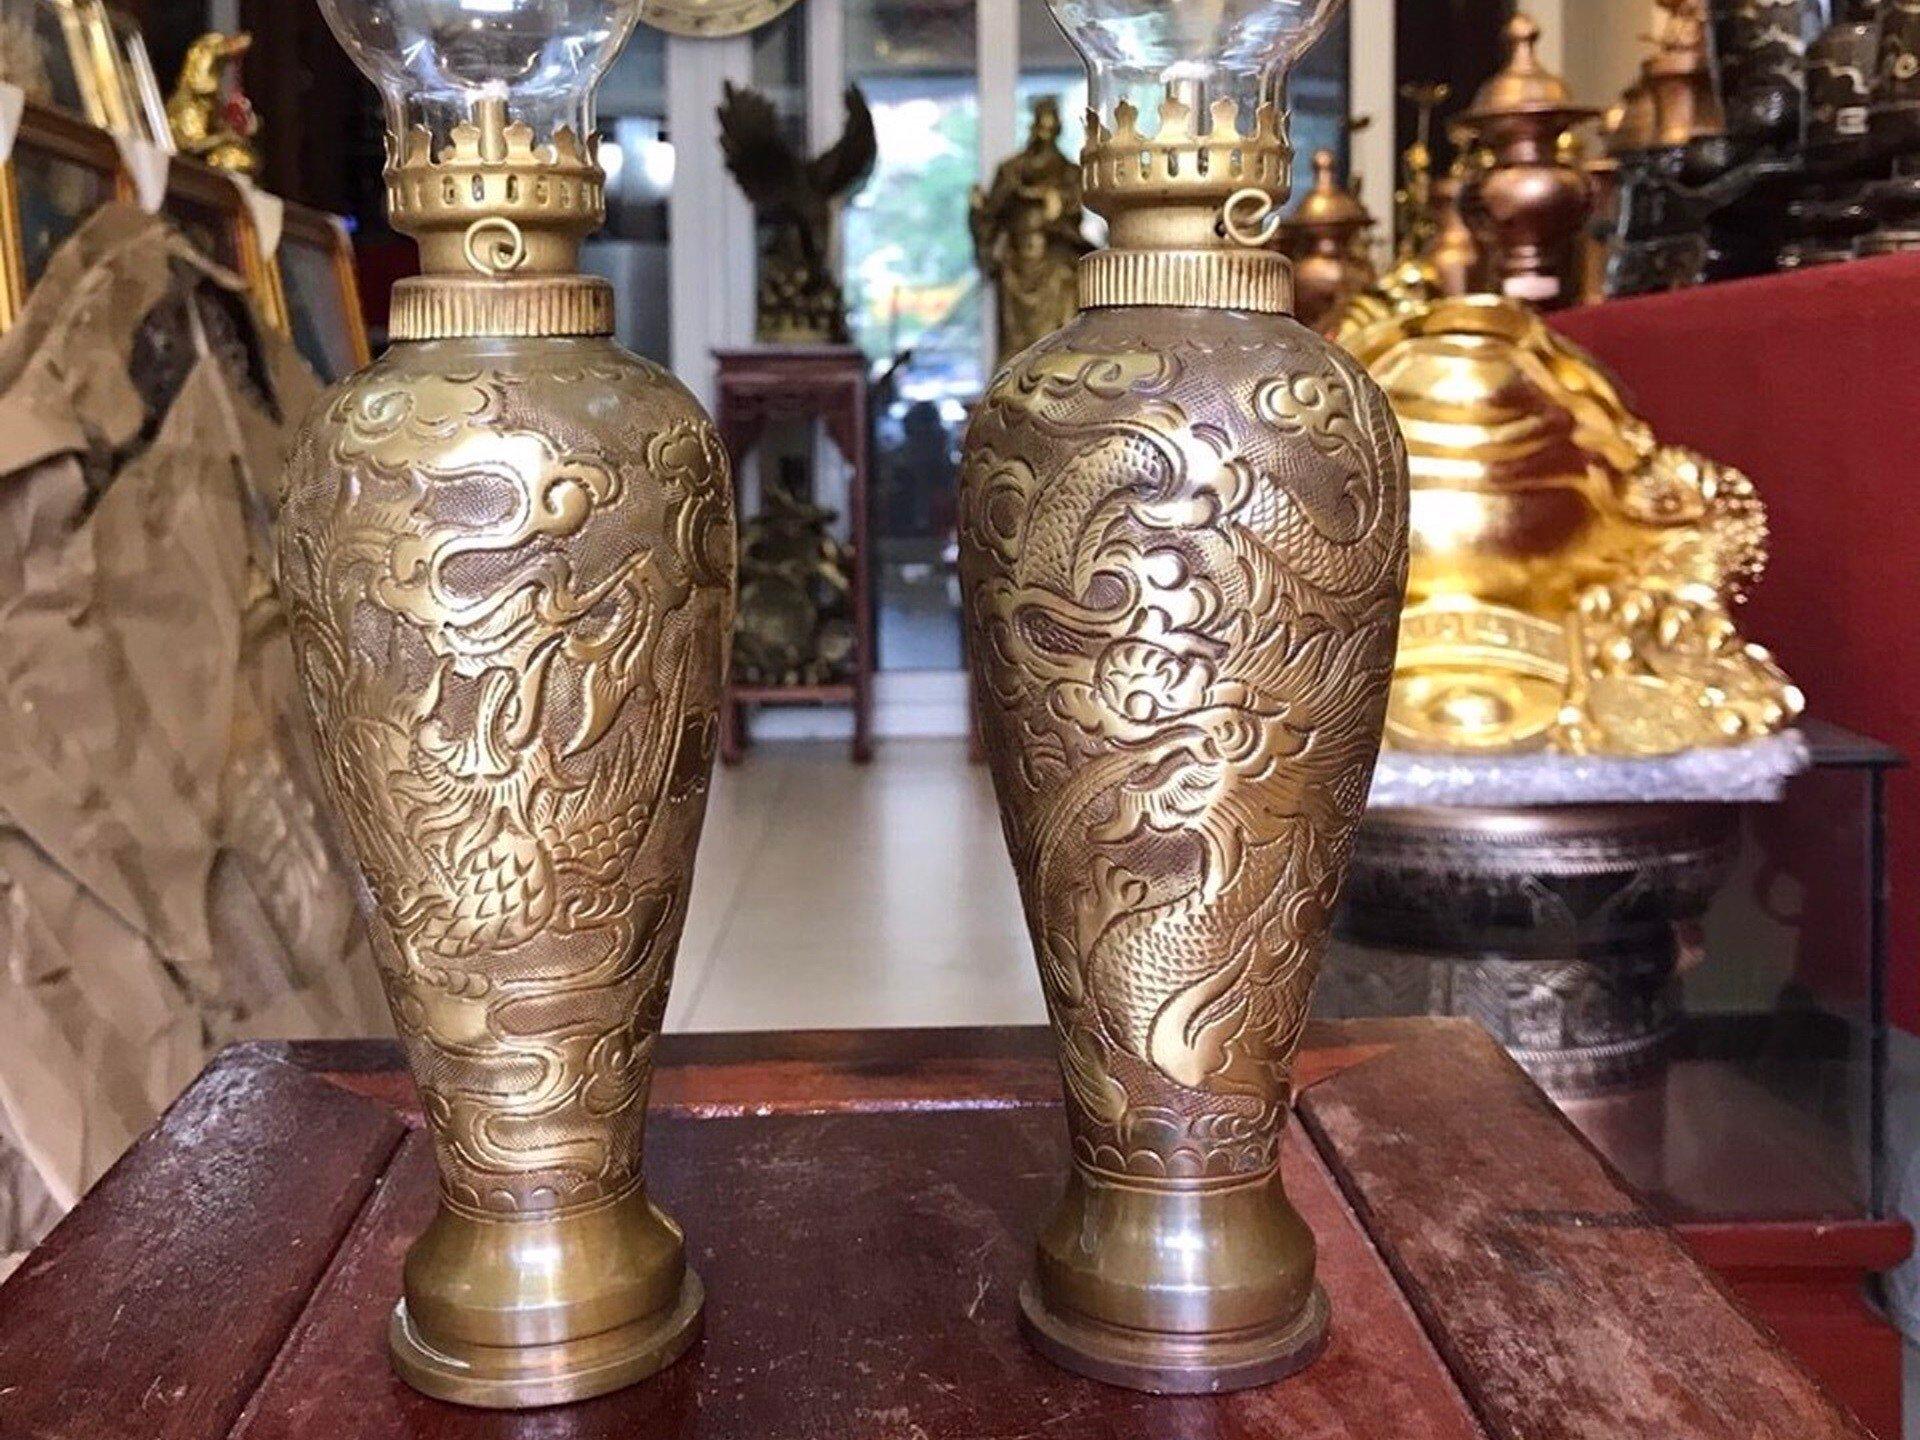 Đôi đèn dầu vỏ đạn pháo cắt tút bằng đồng